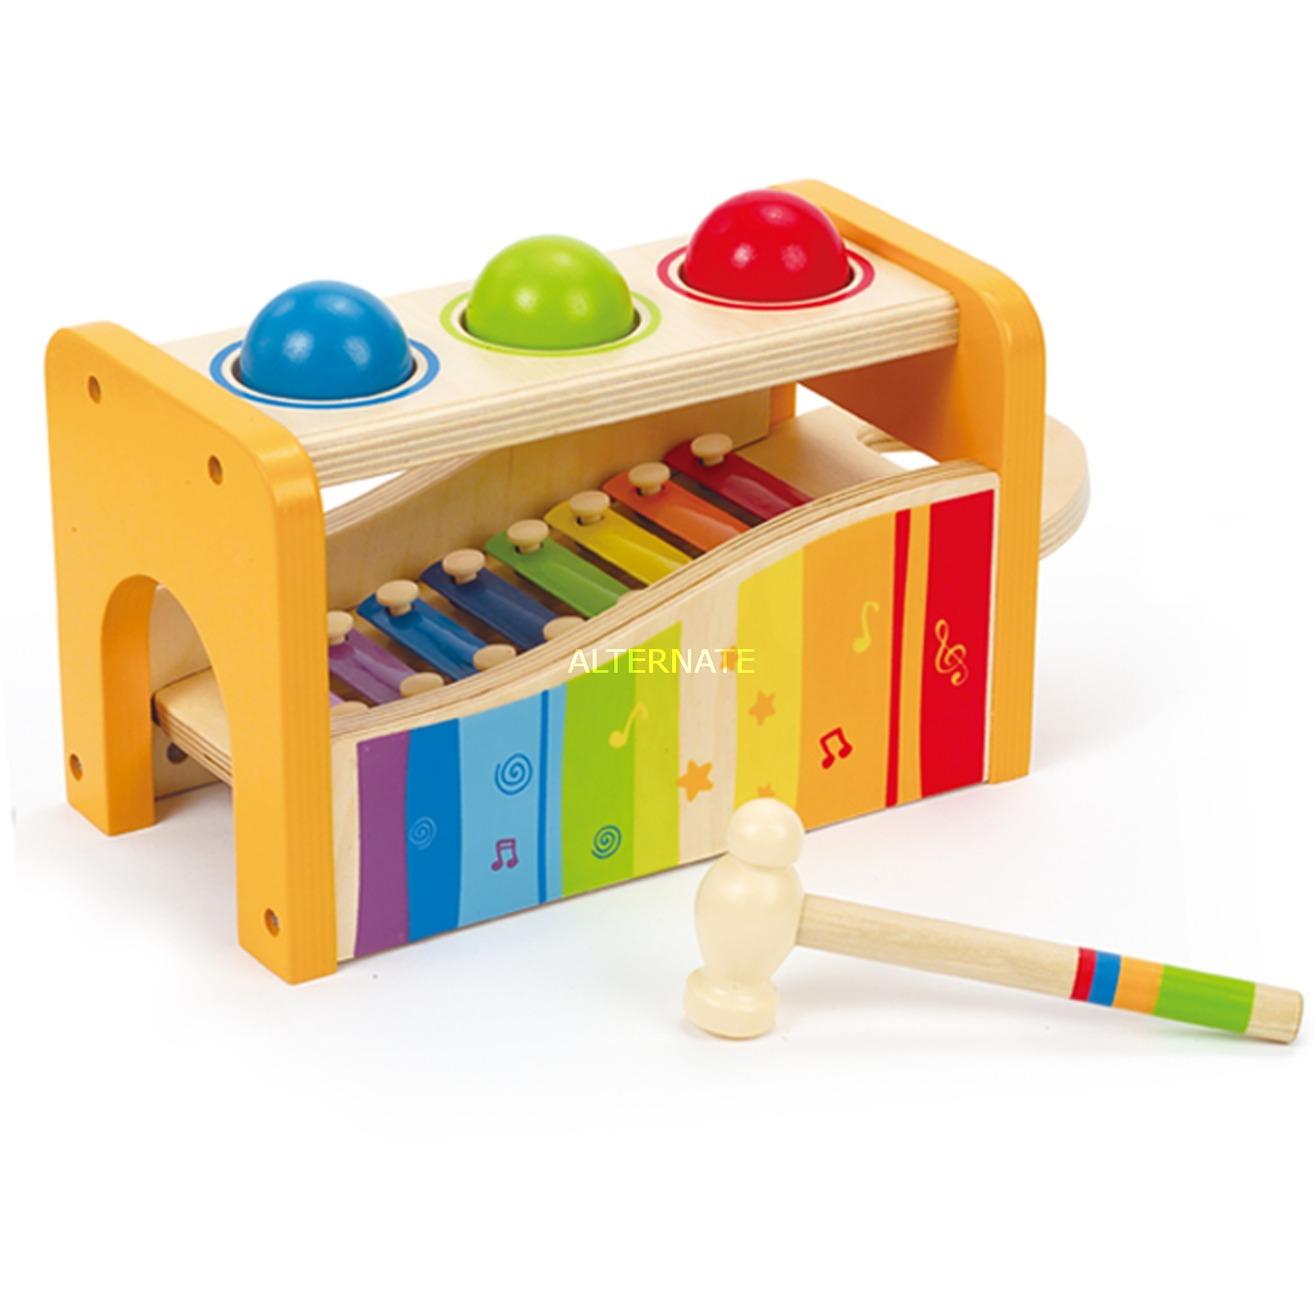 Xylophon und Hammerspiel 6 teilig aus Holz